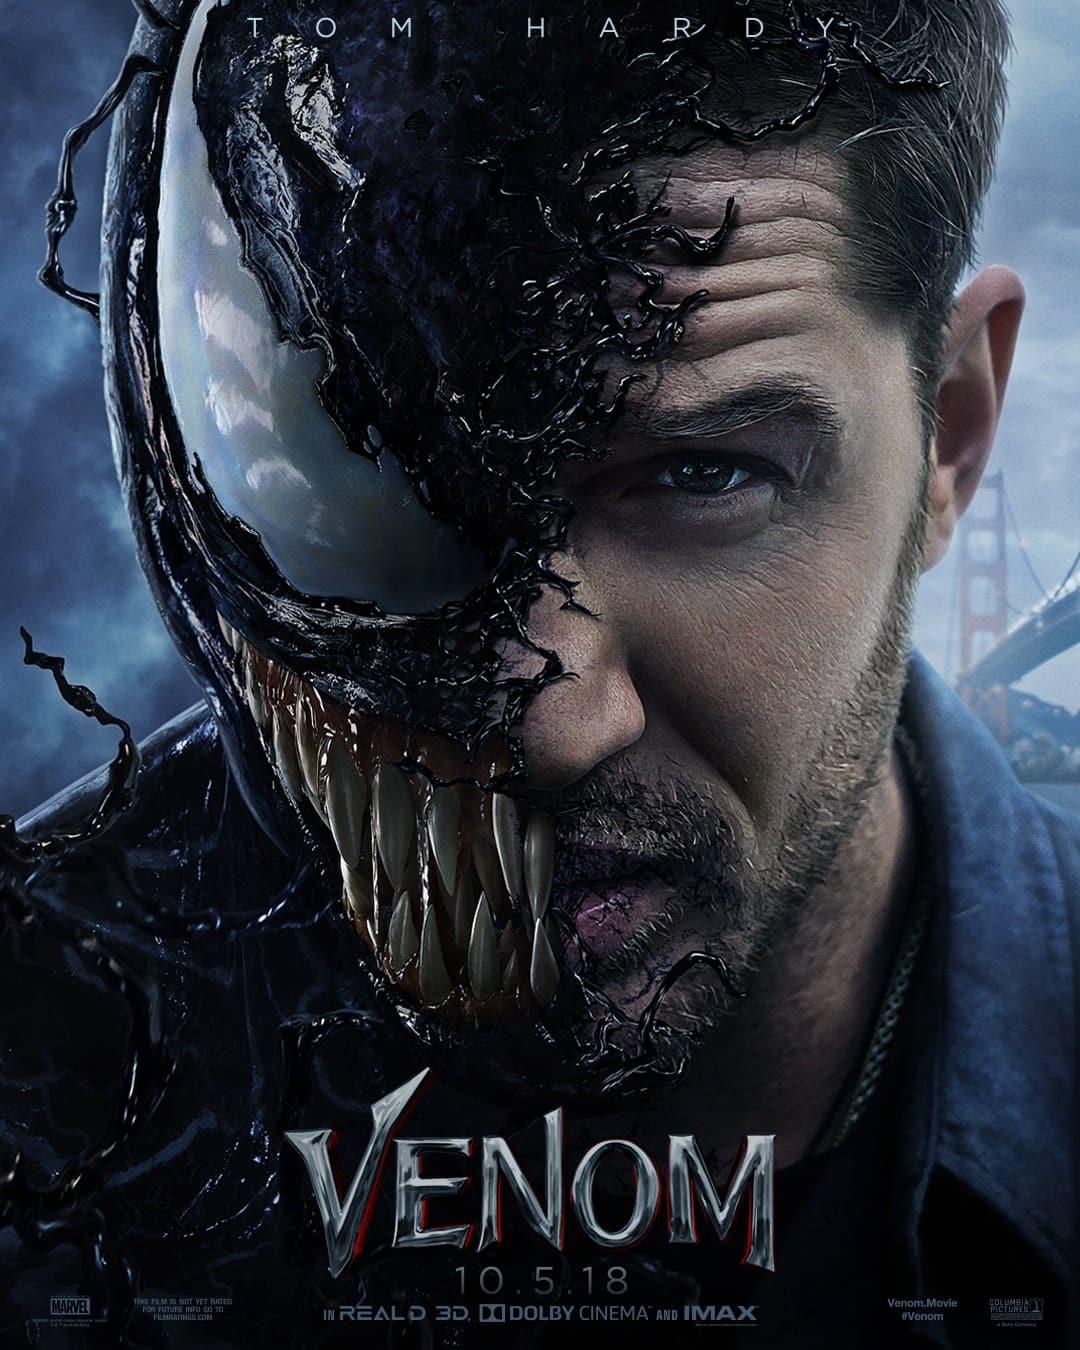 Oficiálny plagát an film Venom